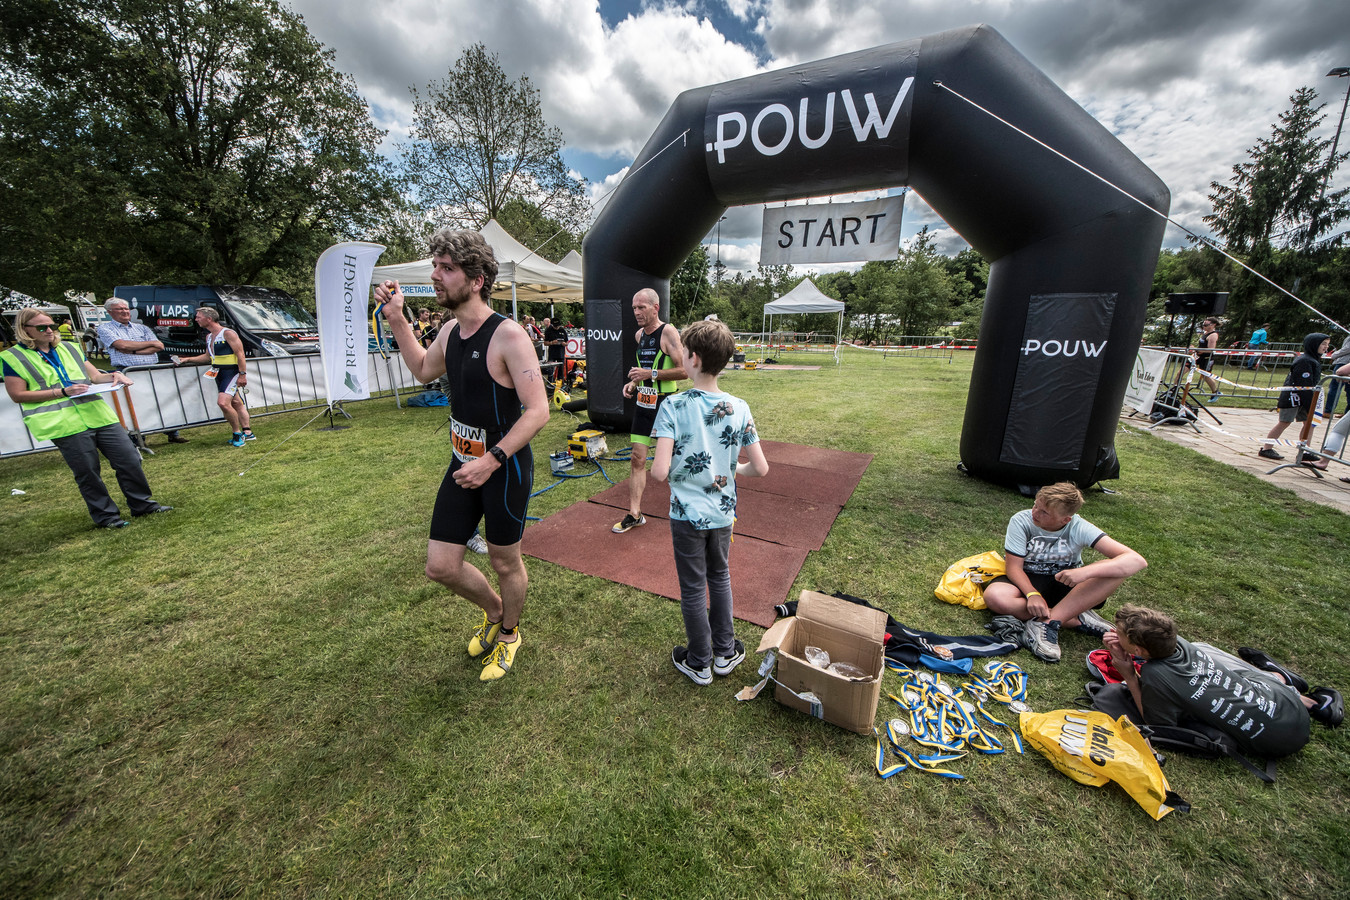 Het weer was perfect voor de 27ste editie van de Pouw Triathlon in Rijssen.